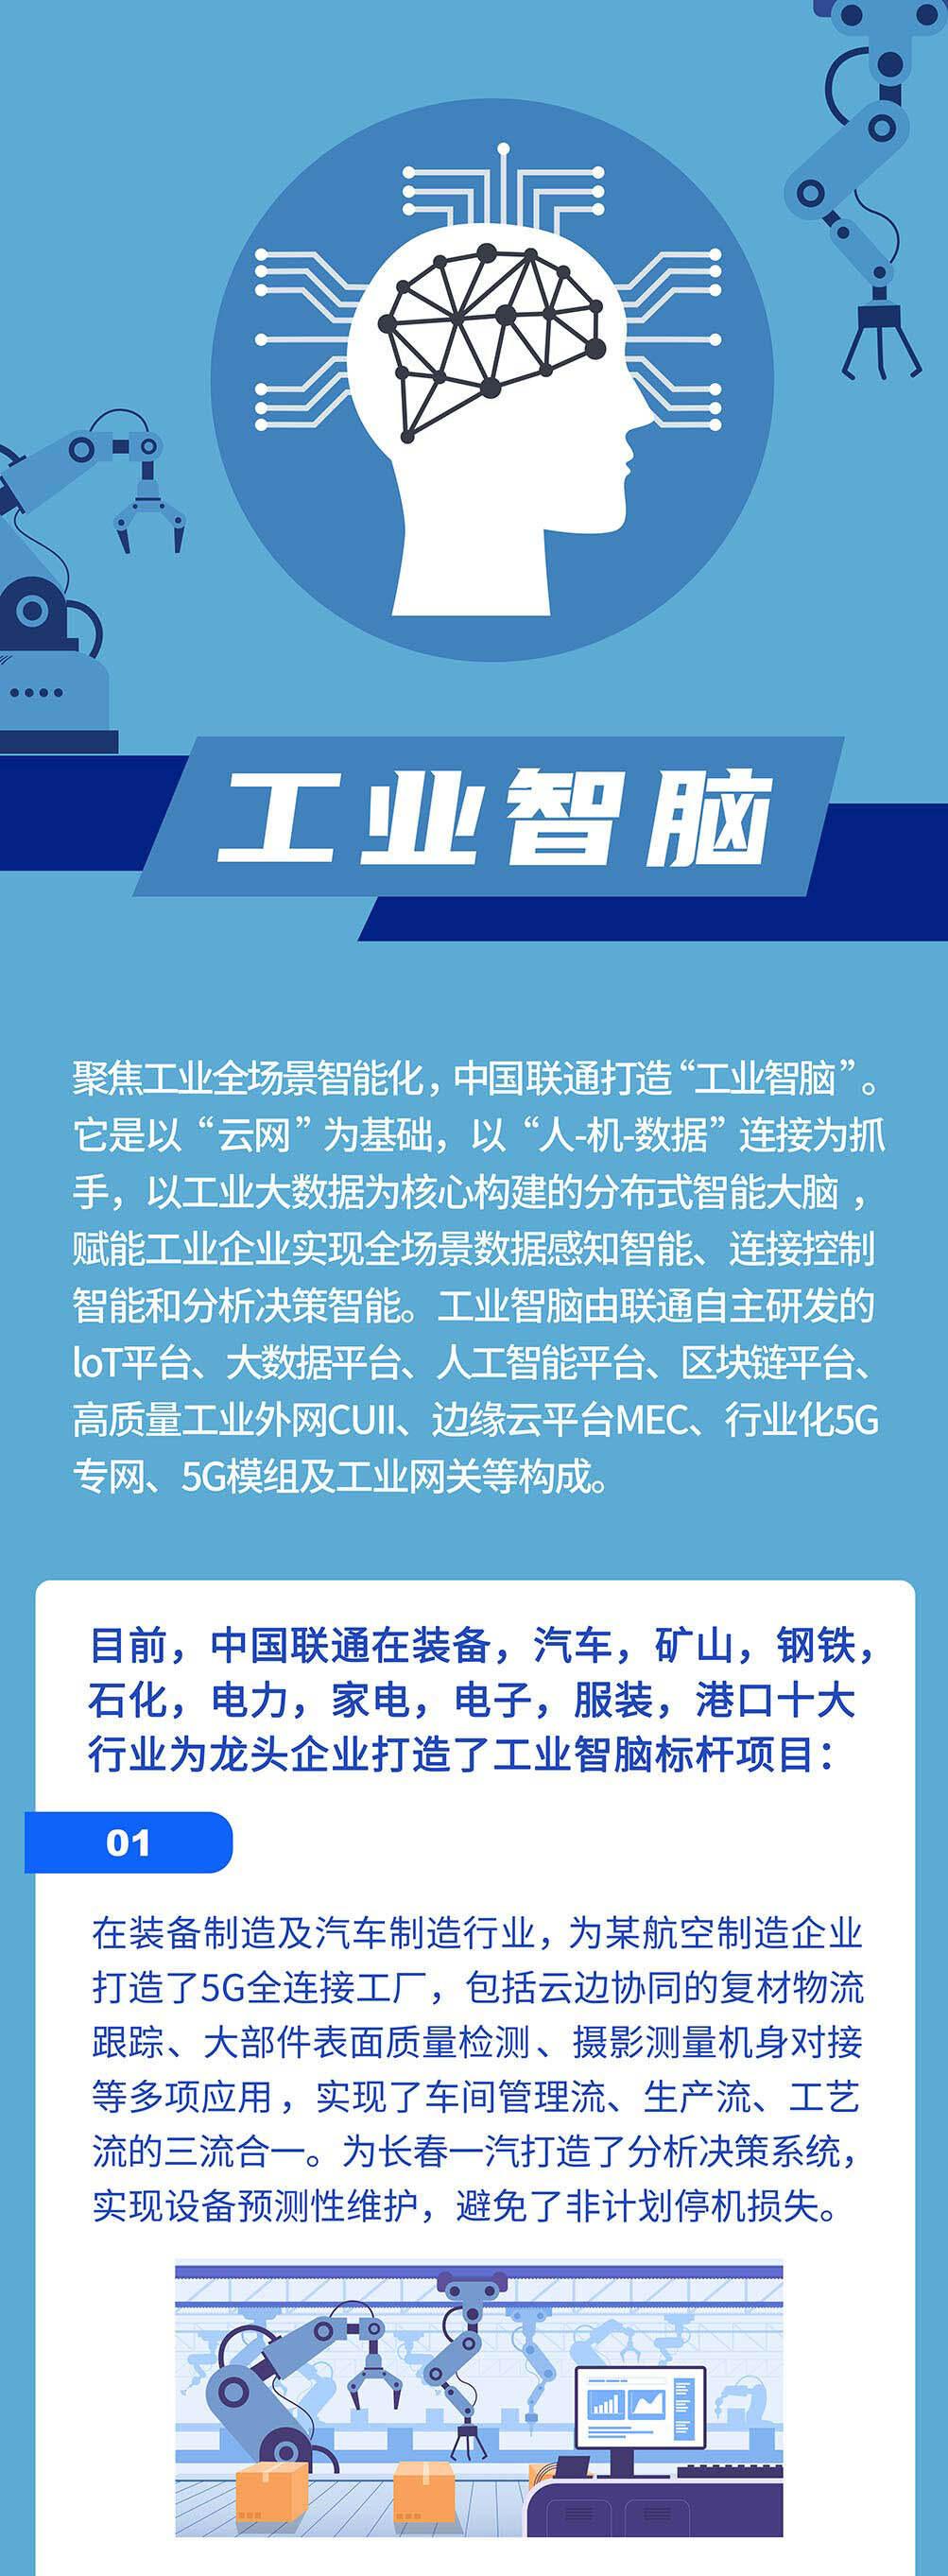 中国联通工业智脑